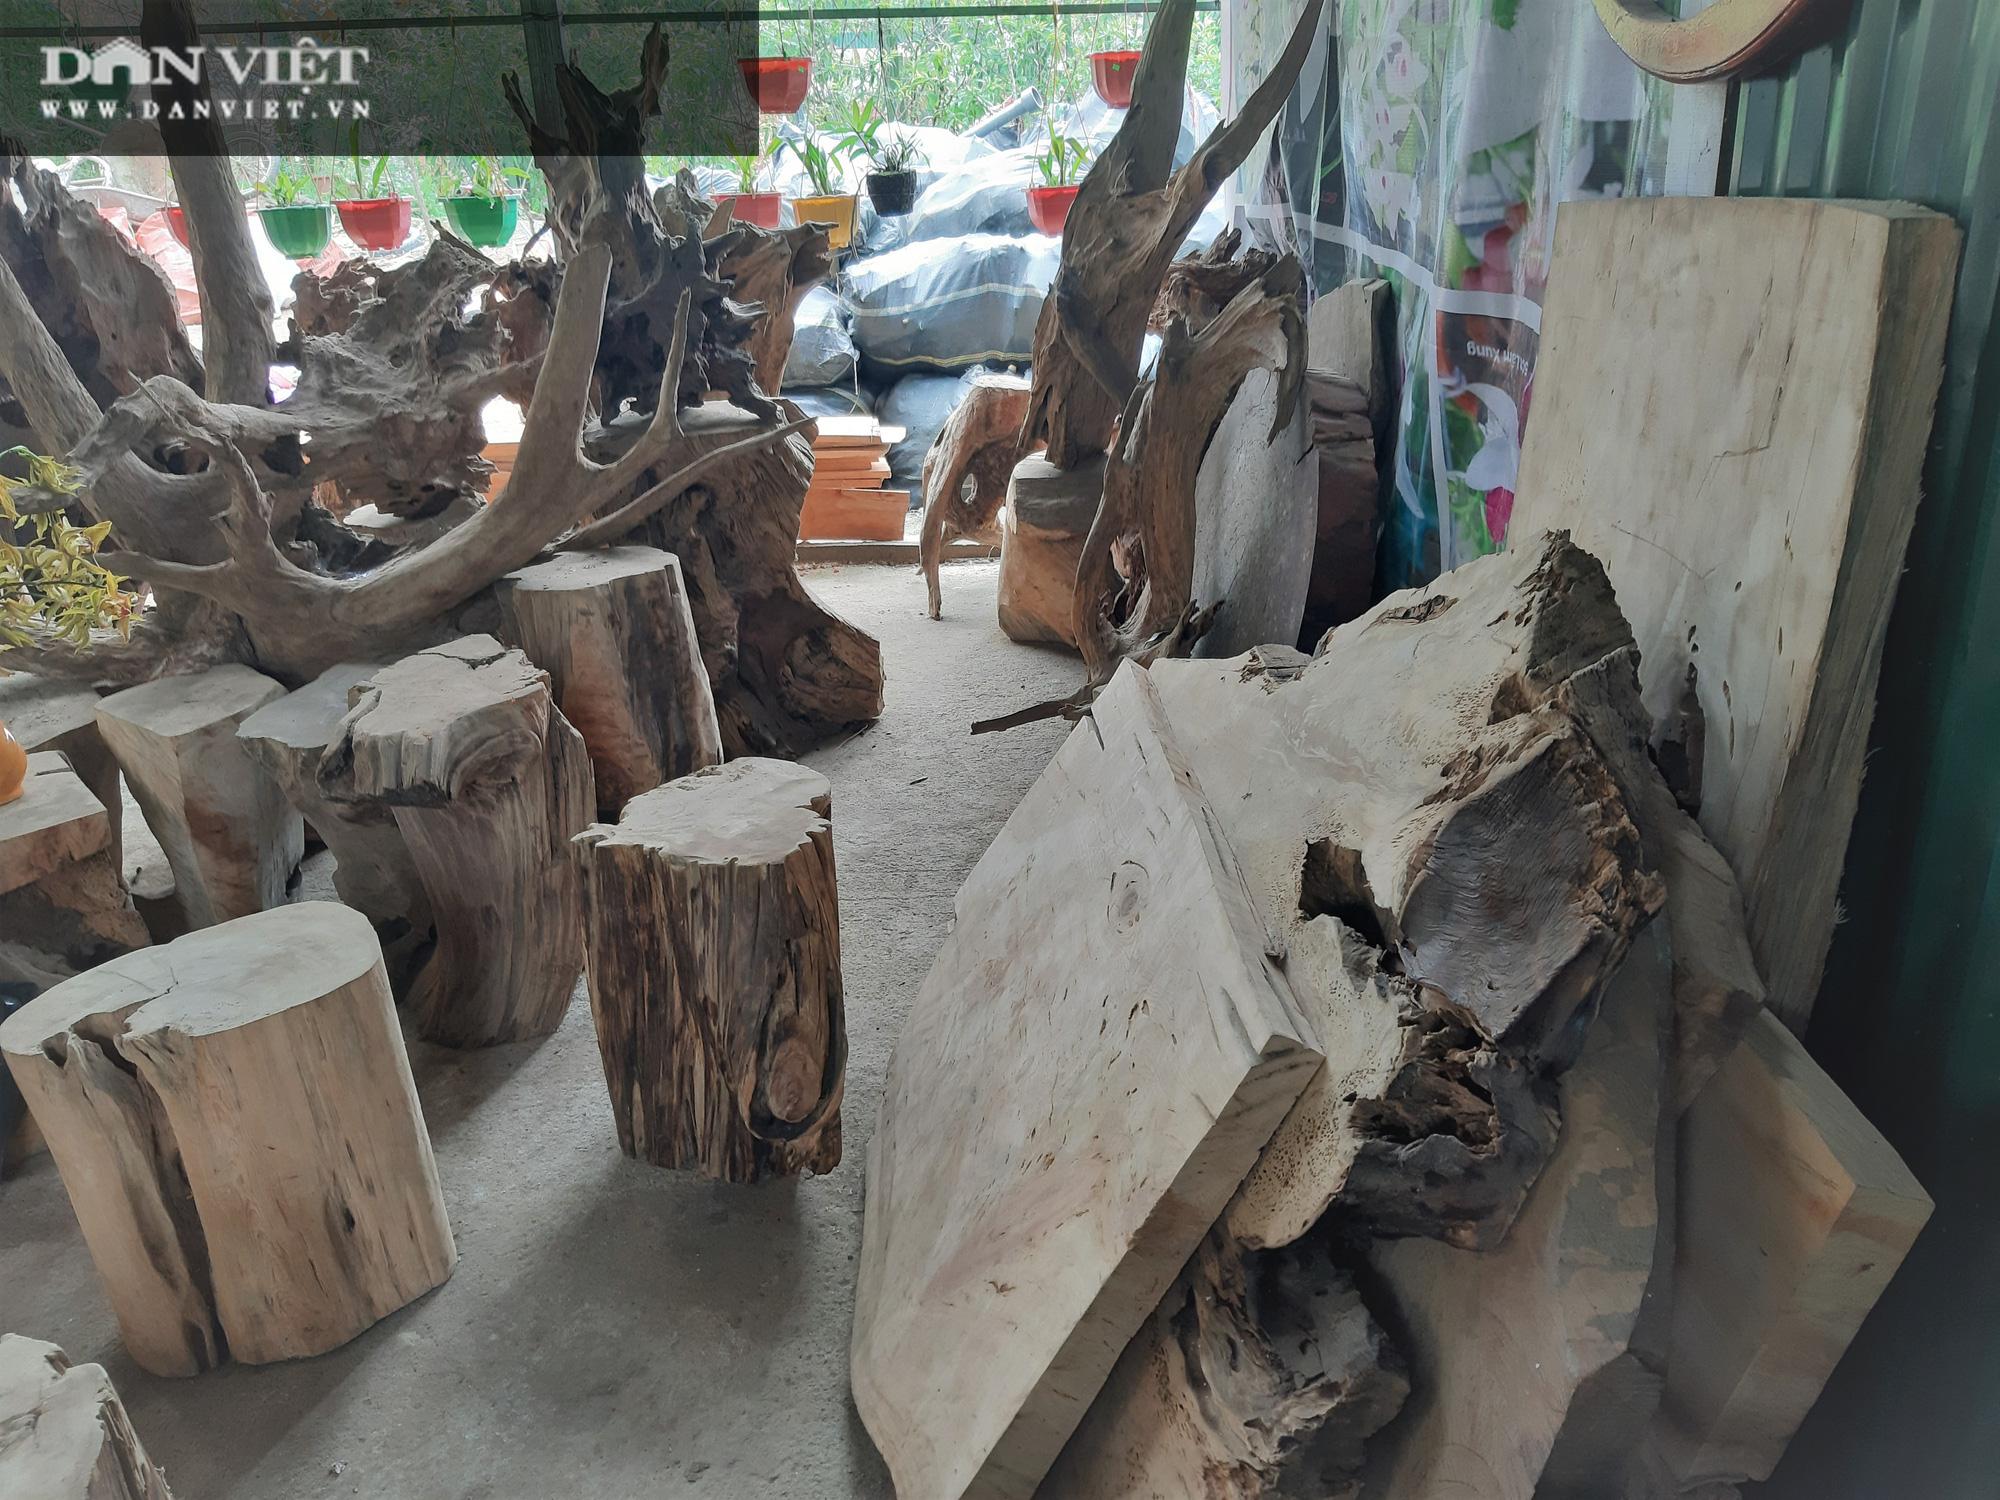 """Phá rừng pơ mu VQG Hoàng Liên (Bài 4): Phá rừng cho """"trùm buôn gỗ"""", chứ không phải để đóng quan tài! - Ảnh 2."""